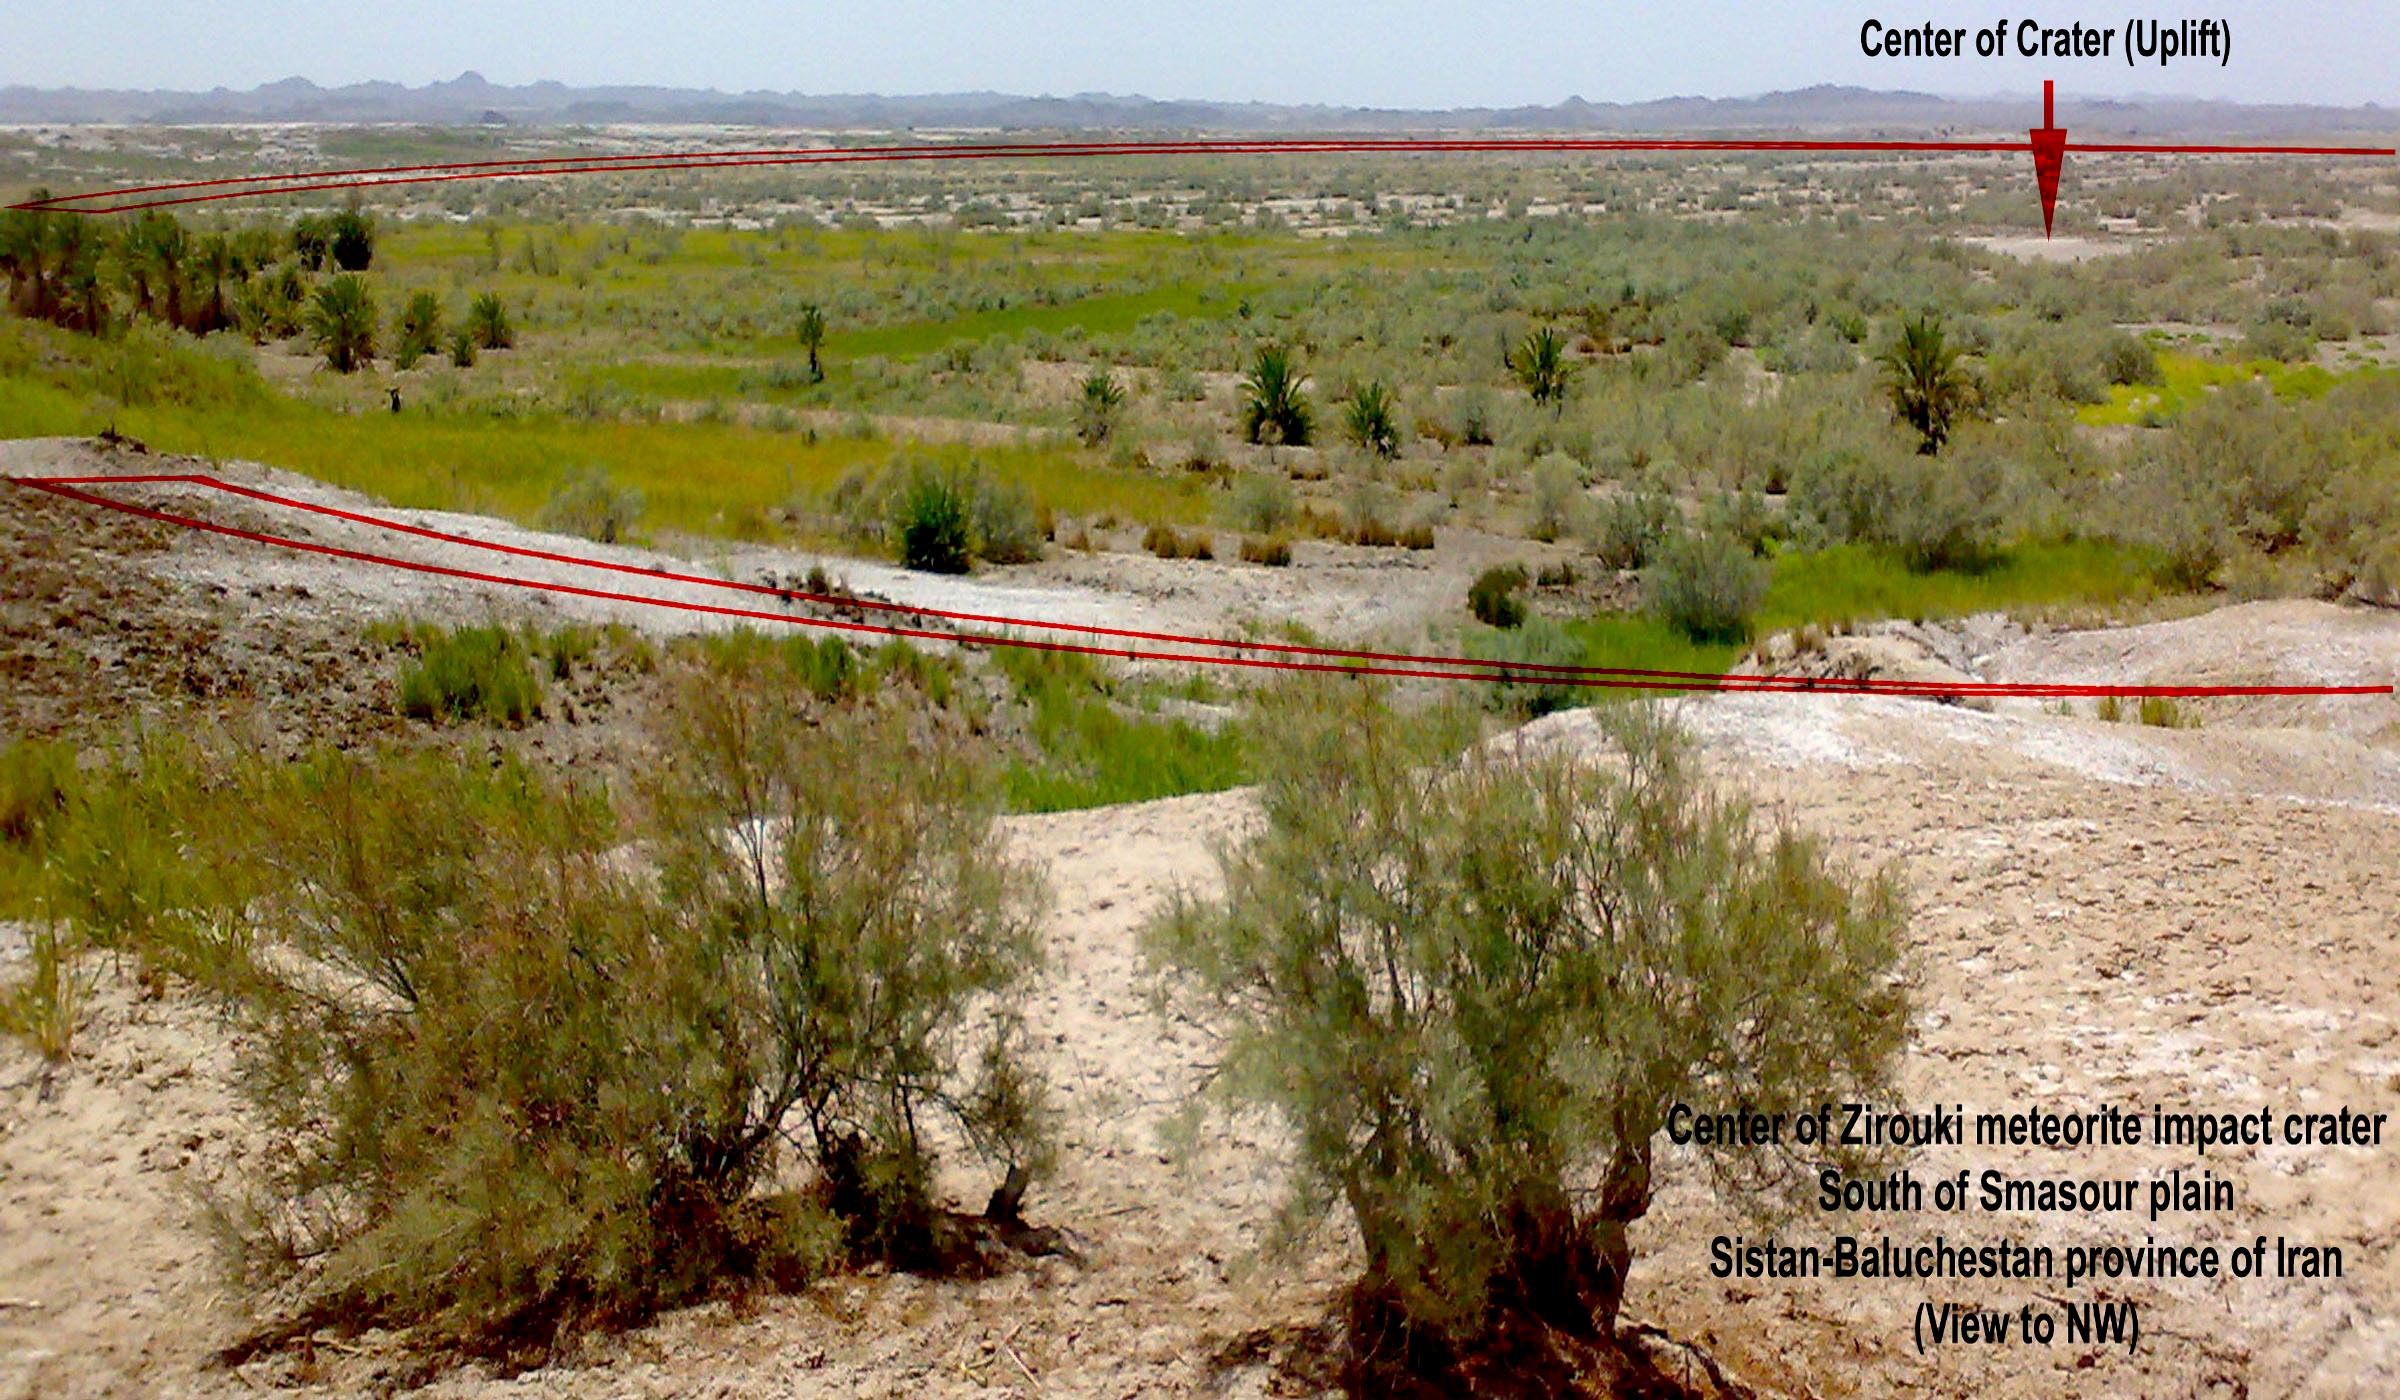 نمایی از گودال زیروکی در دشت سمسور استان سیستان و بلوچستان